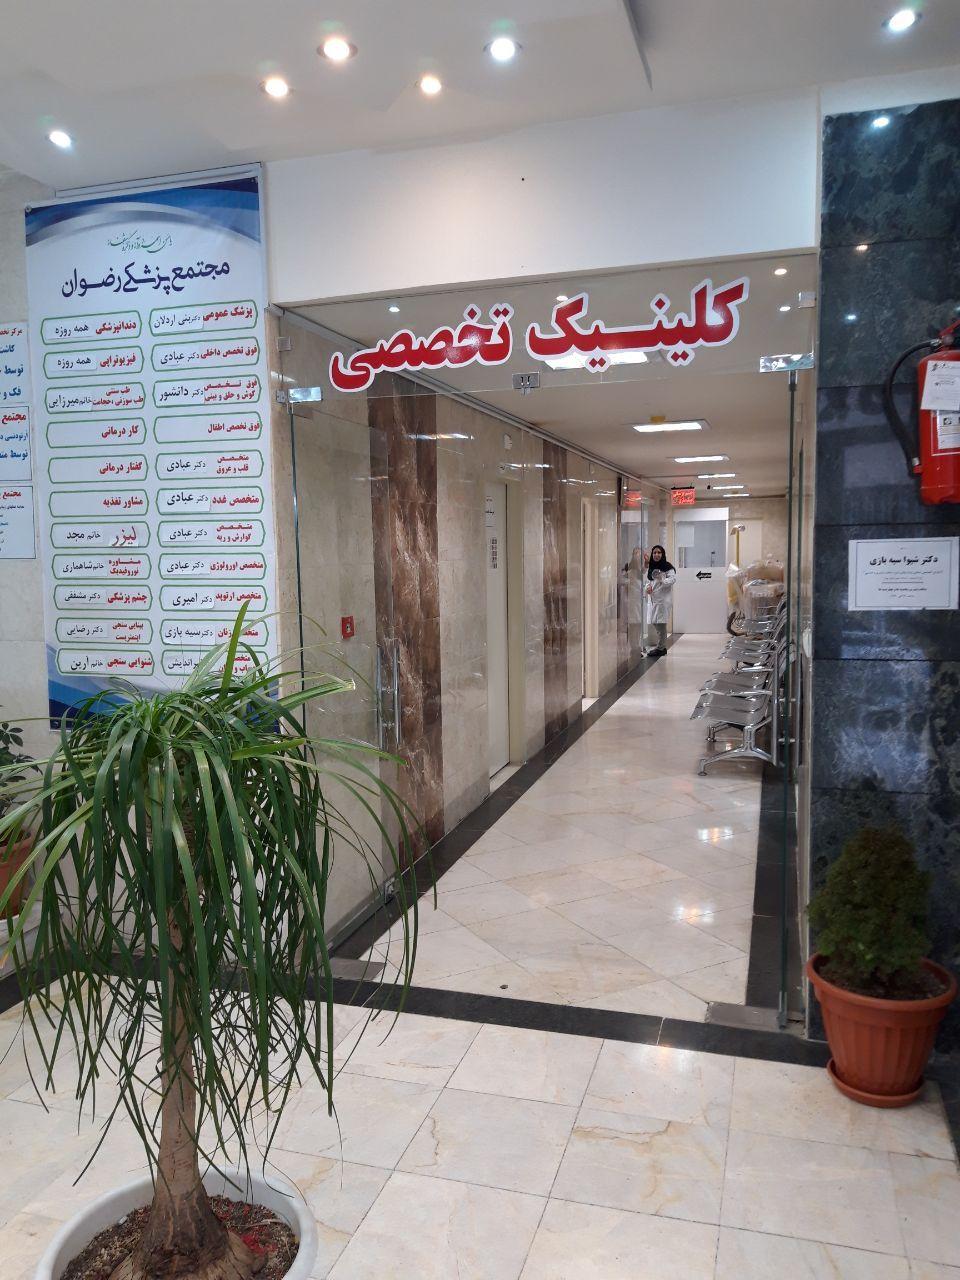 غرب تهران: هاشمی، اجاره واحد دندانپزشکی